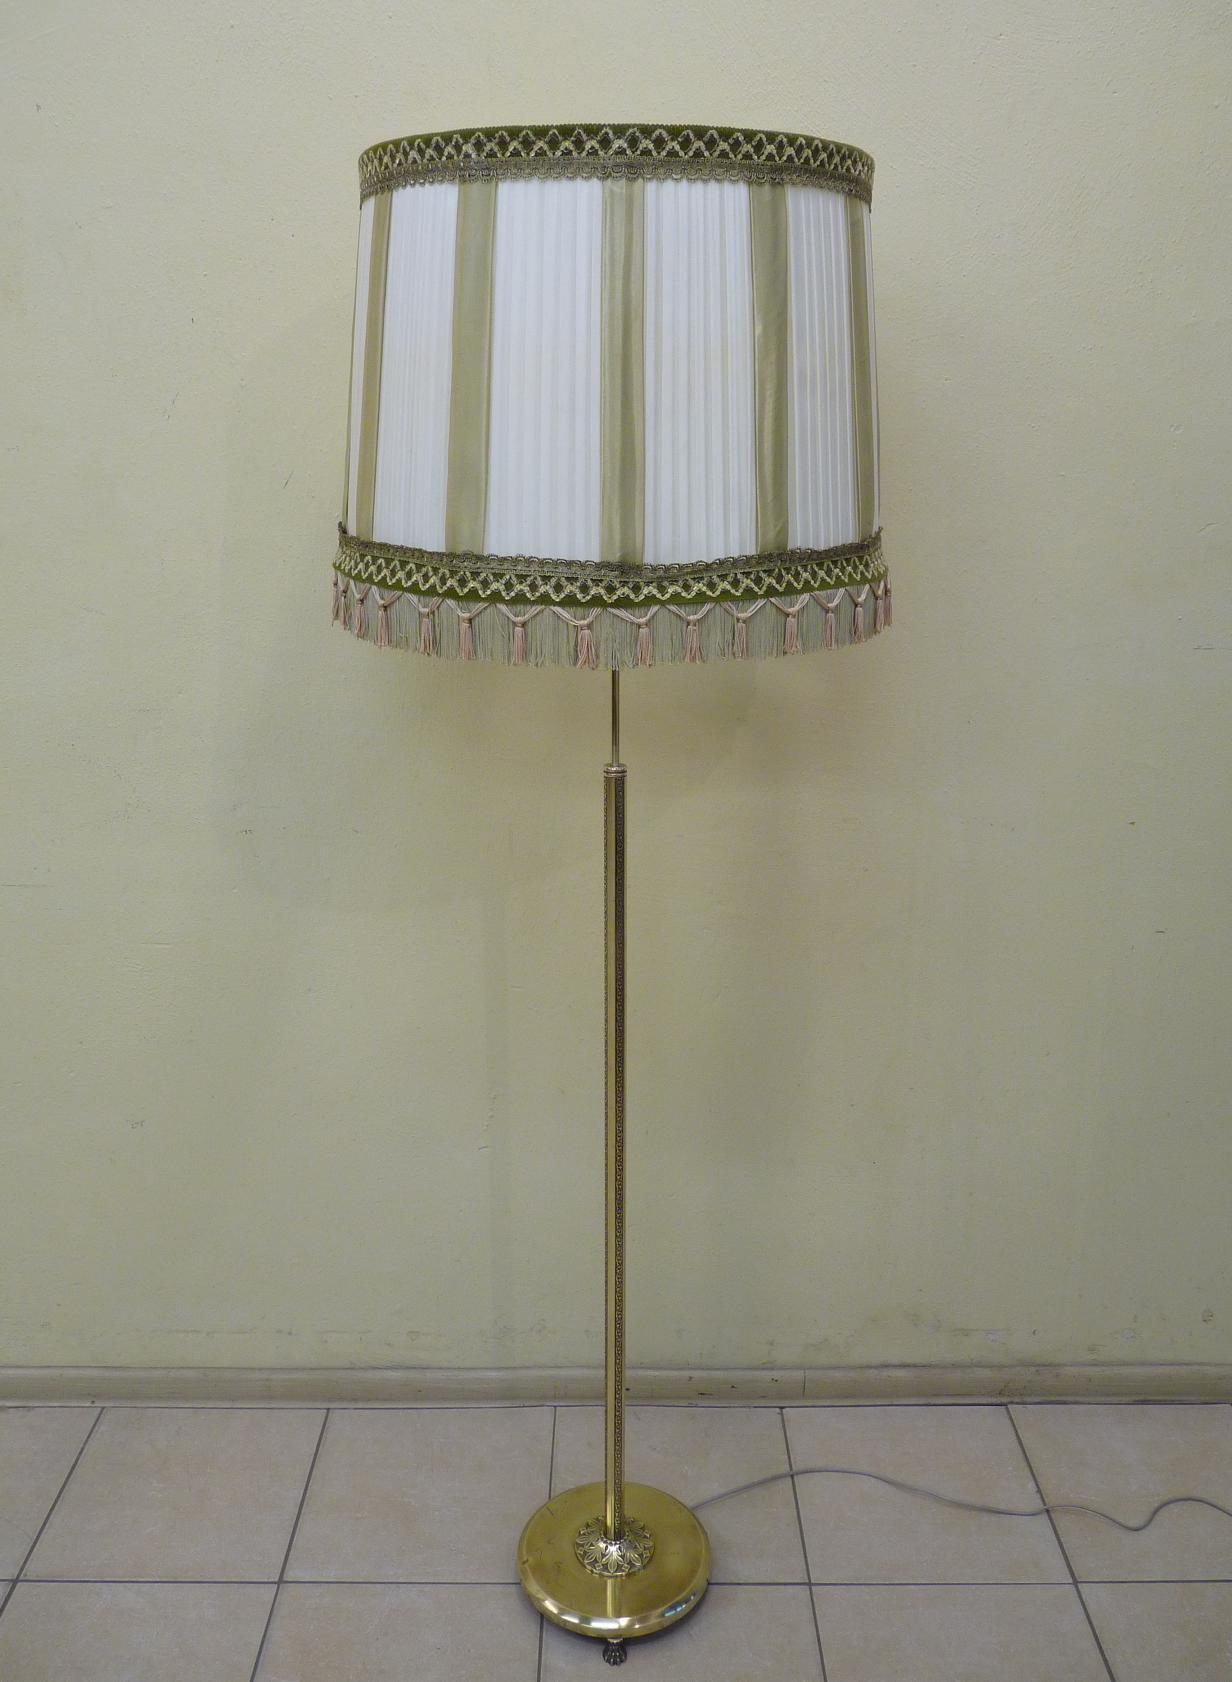 STYLOWA MOSIĘŻNA LAMPA STOJĄCA REGULACJA WYSOKOŚCI